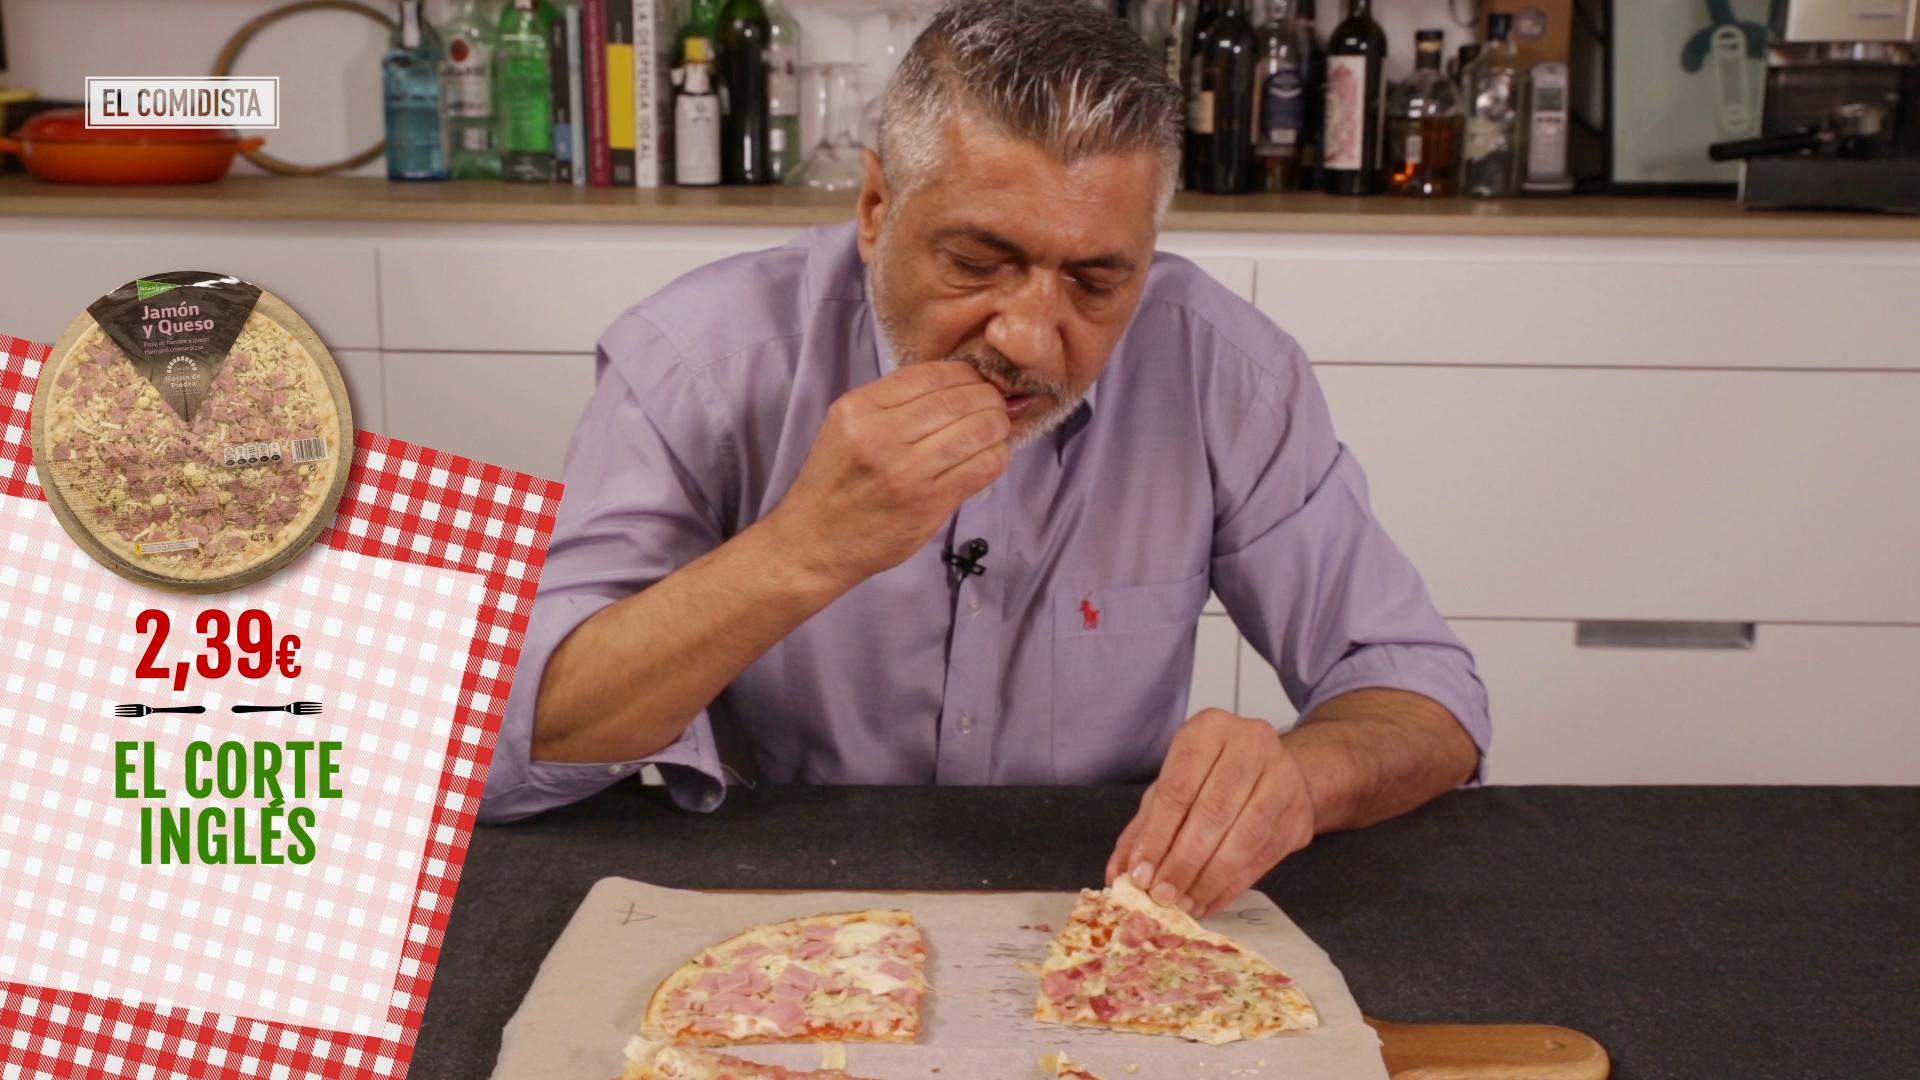 ¿Hay alguna pizza precocinada decente?